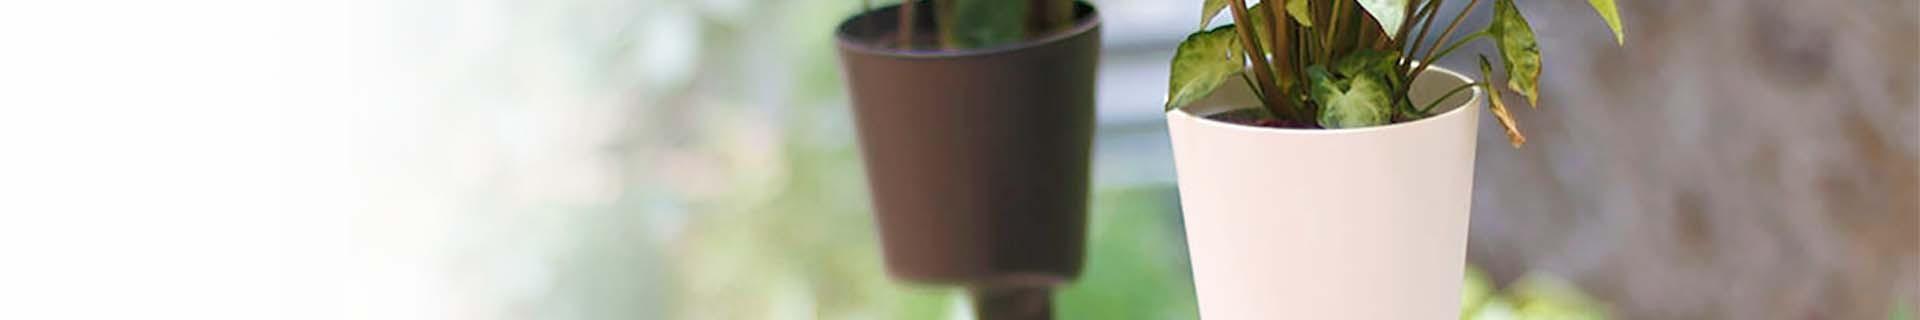 Self fioriera verticale sing confezione con piante